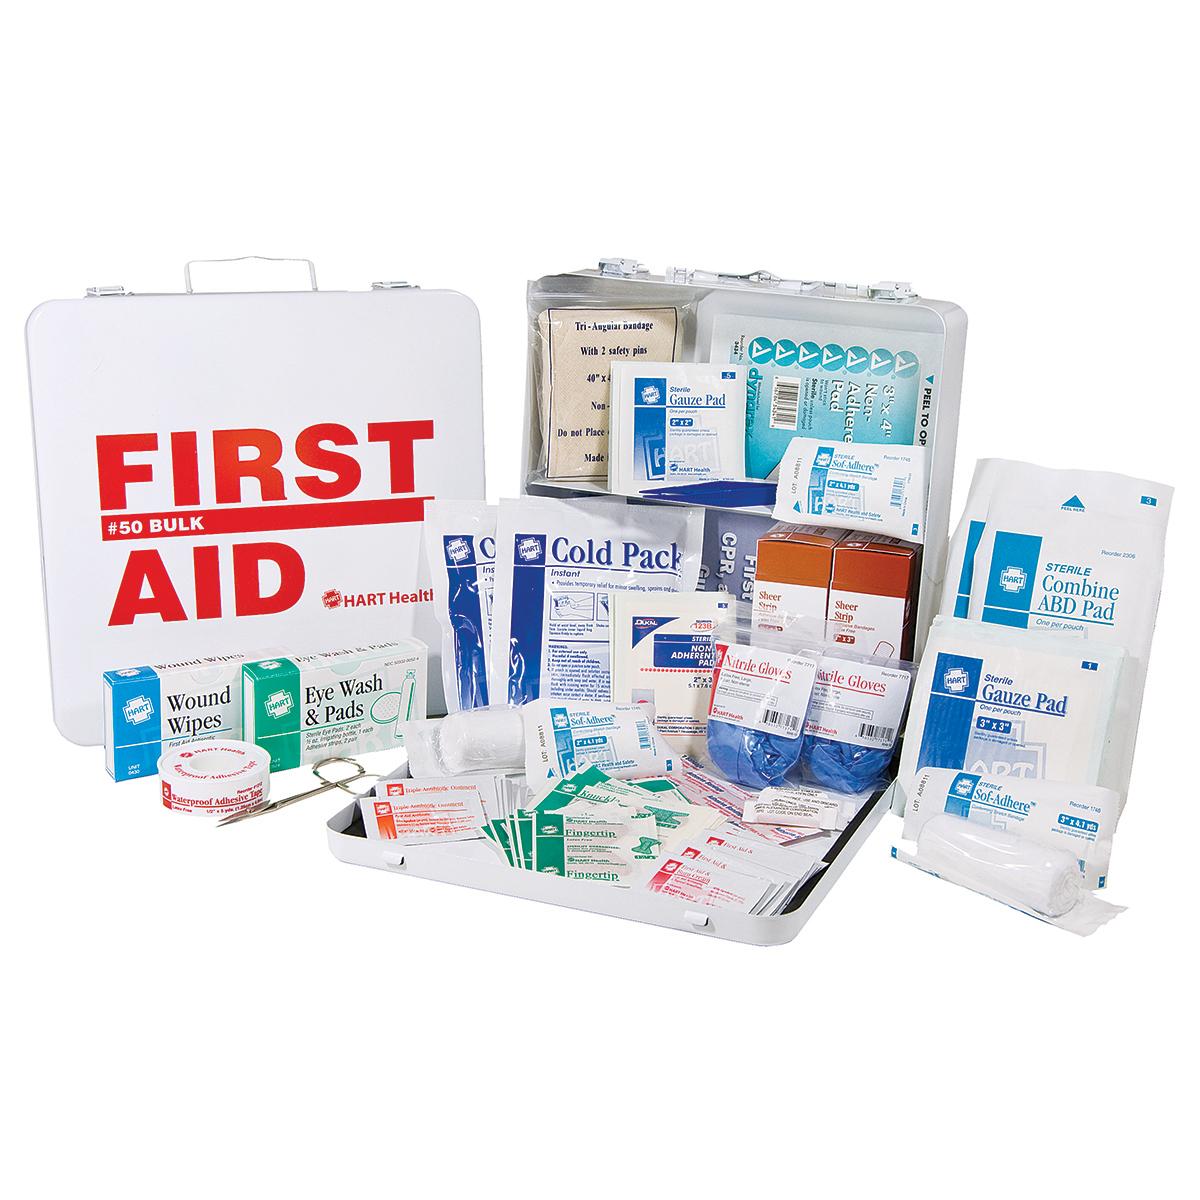 50 Bulk First Aid Kit, OSHA, HART, metal - FIRST AID KITS